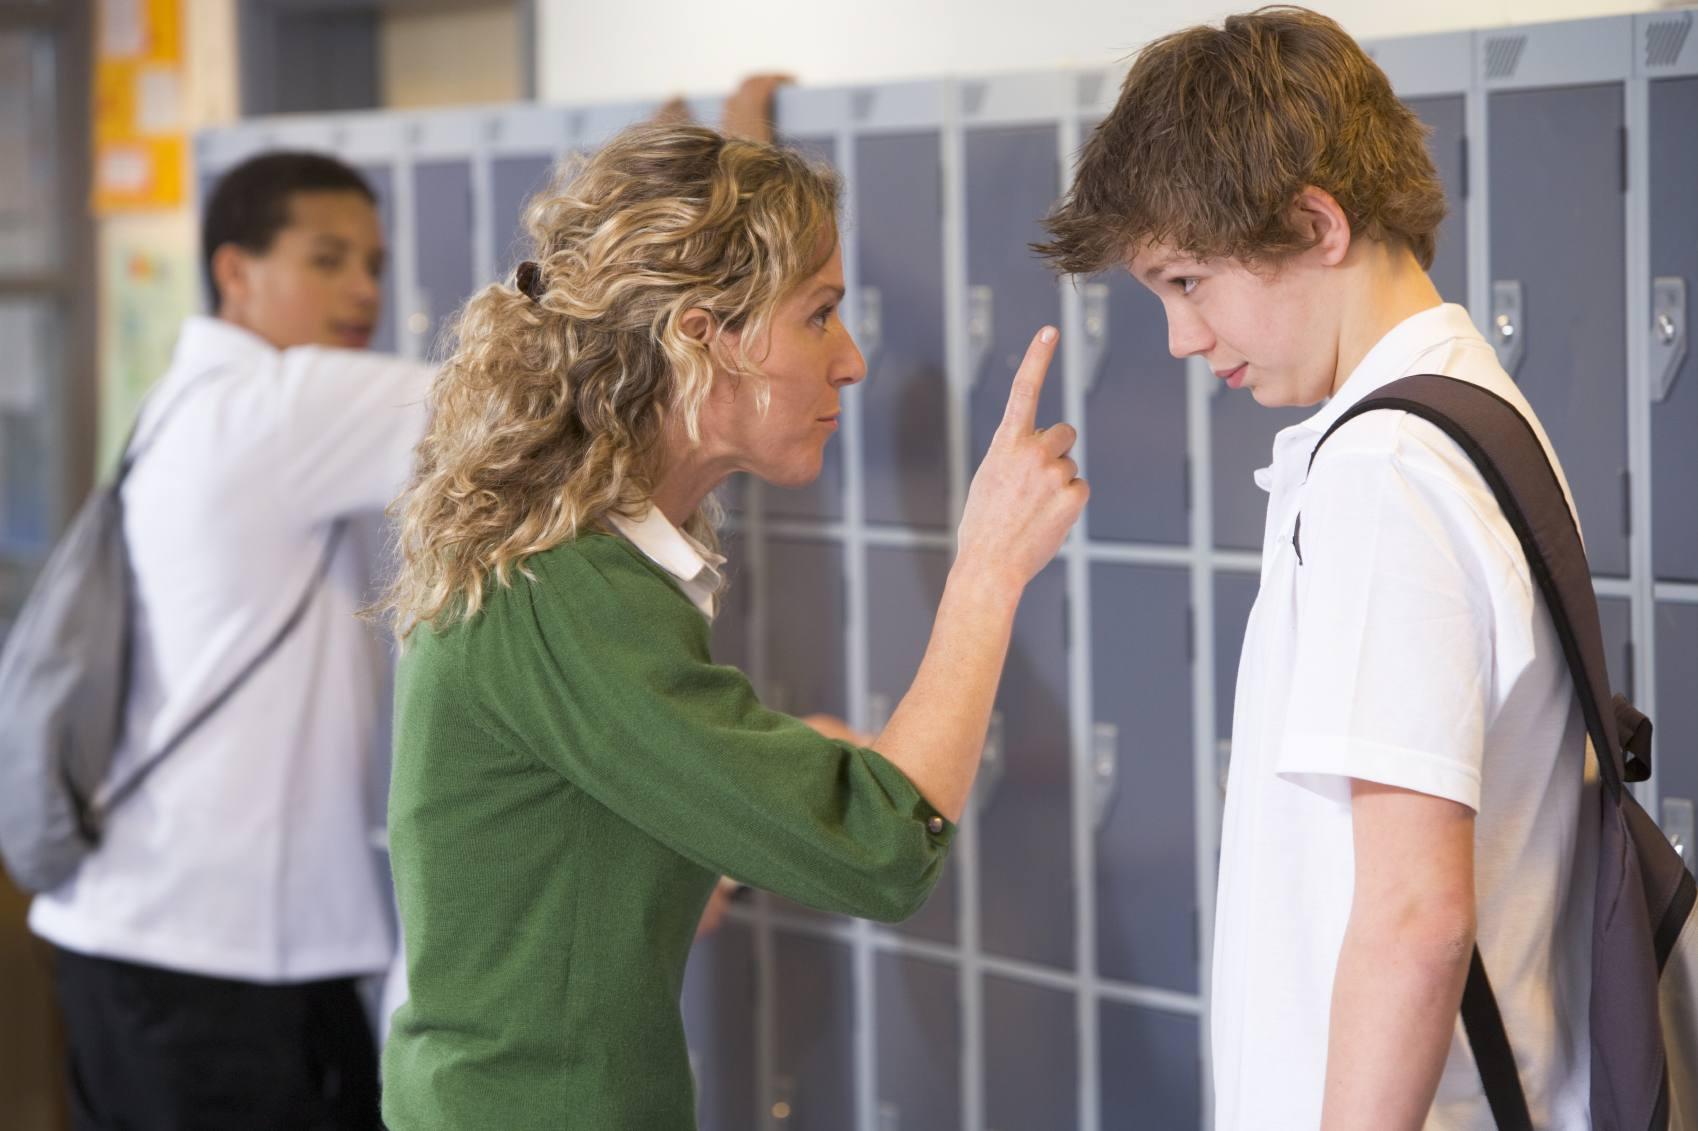 teacher correcting a student